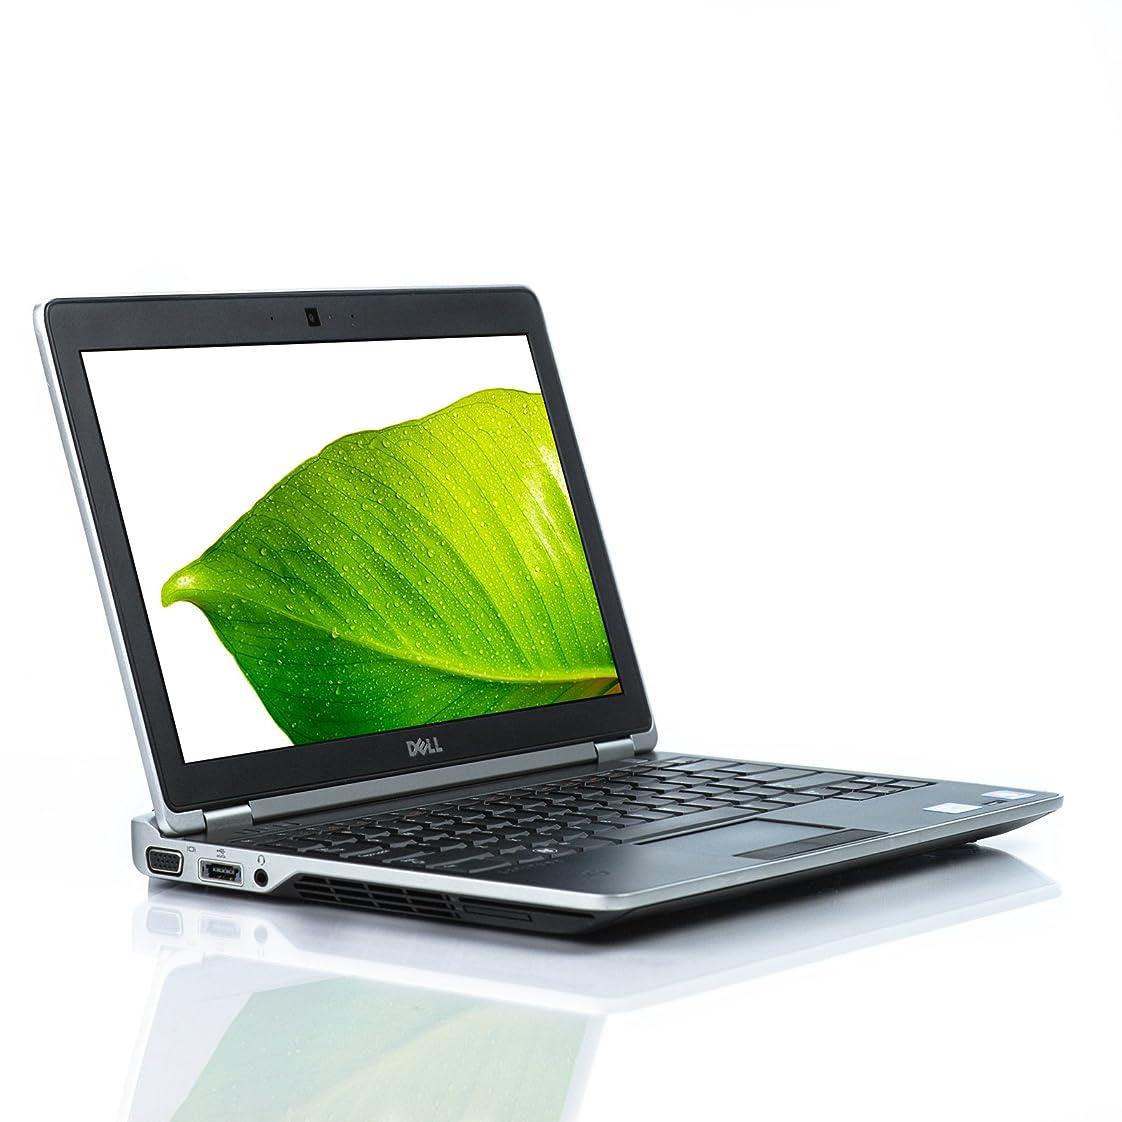 狂信者存在南方の【中古】 DELL Latitude E6220 E6220 / Core i5 2520M(2.5GHz) / SSD:128GB / 12.5インチ / ブラック